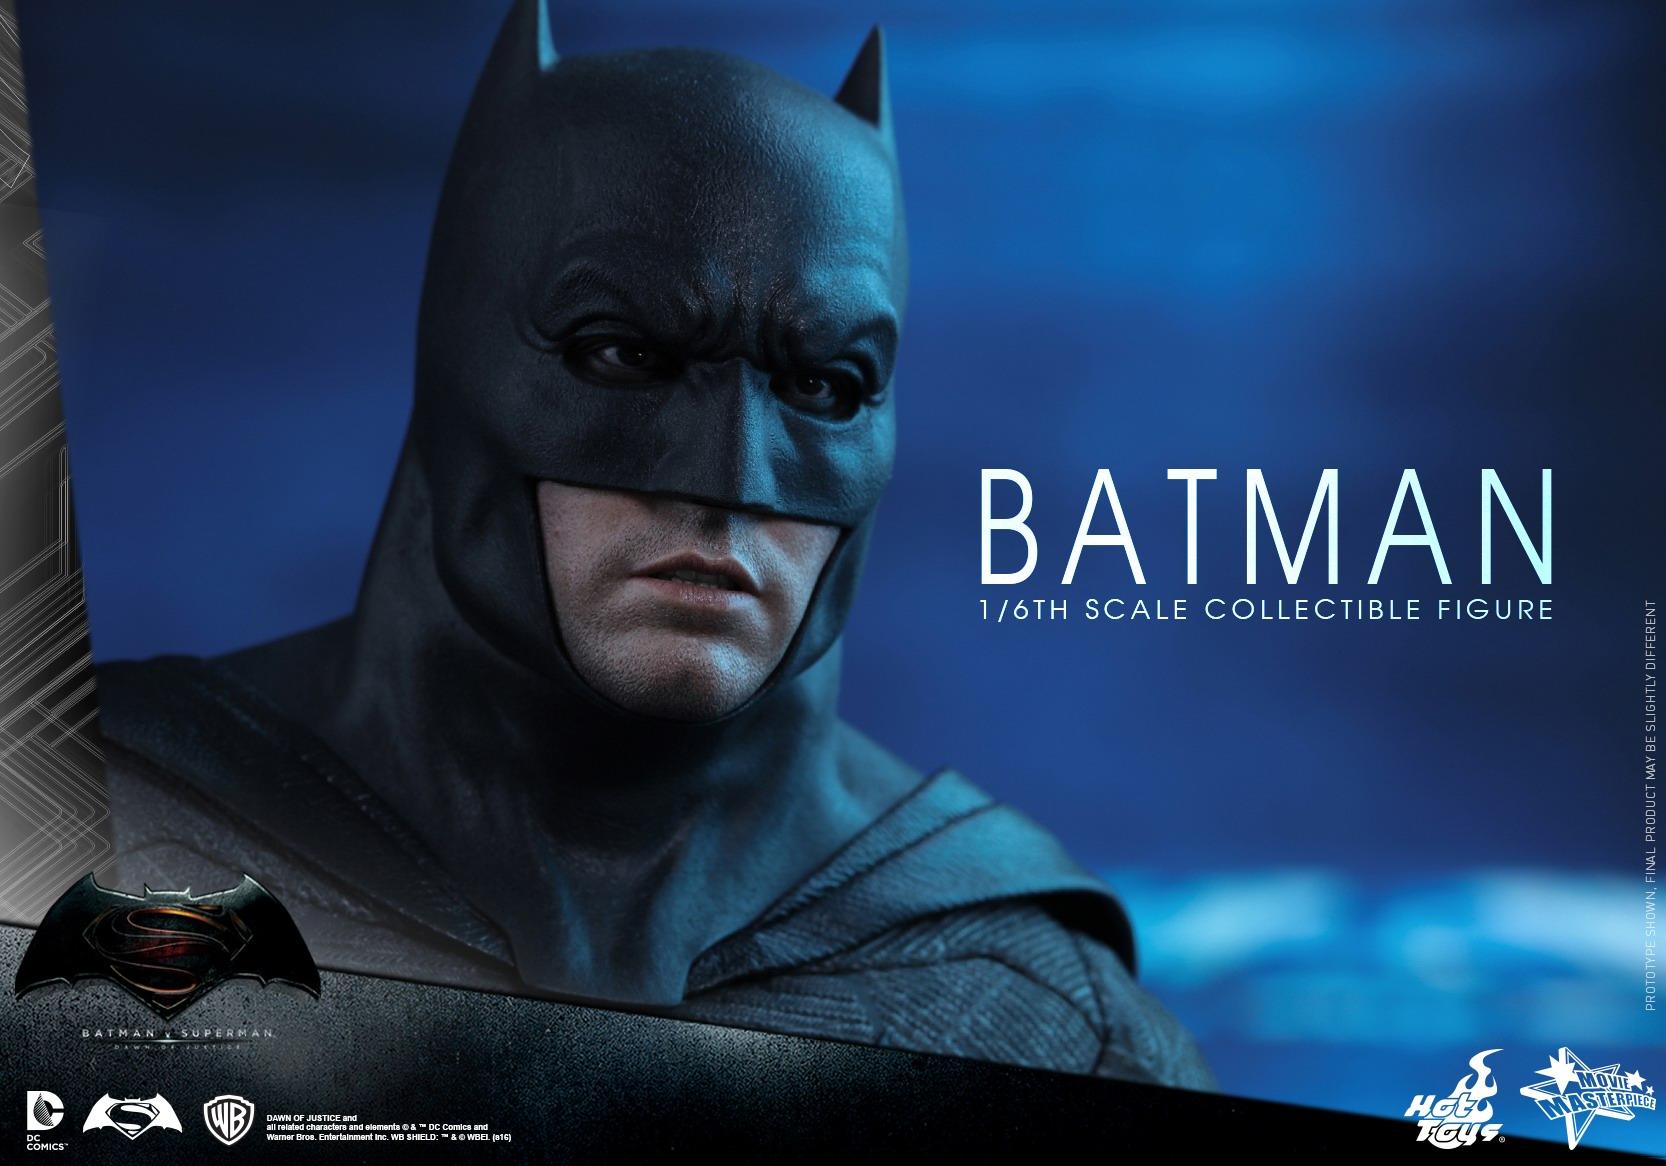 Hot Toys 蝙蝠侠大战超人 正义黎明 蝙蝠侠 Batman MMS342 玩家社区 专业的兵人模型论坛